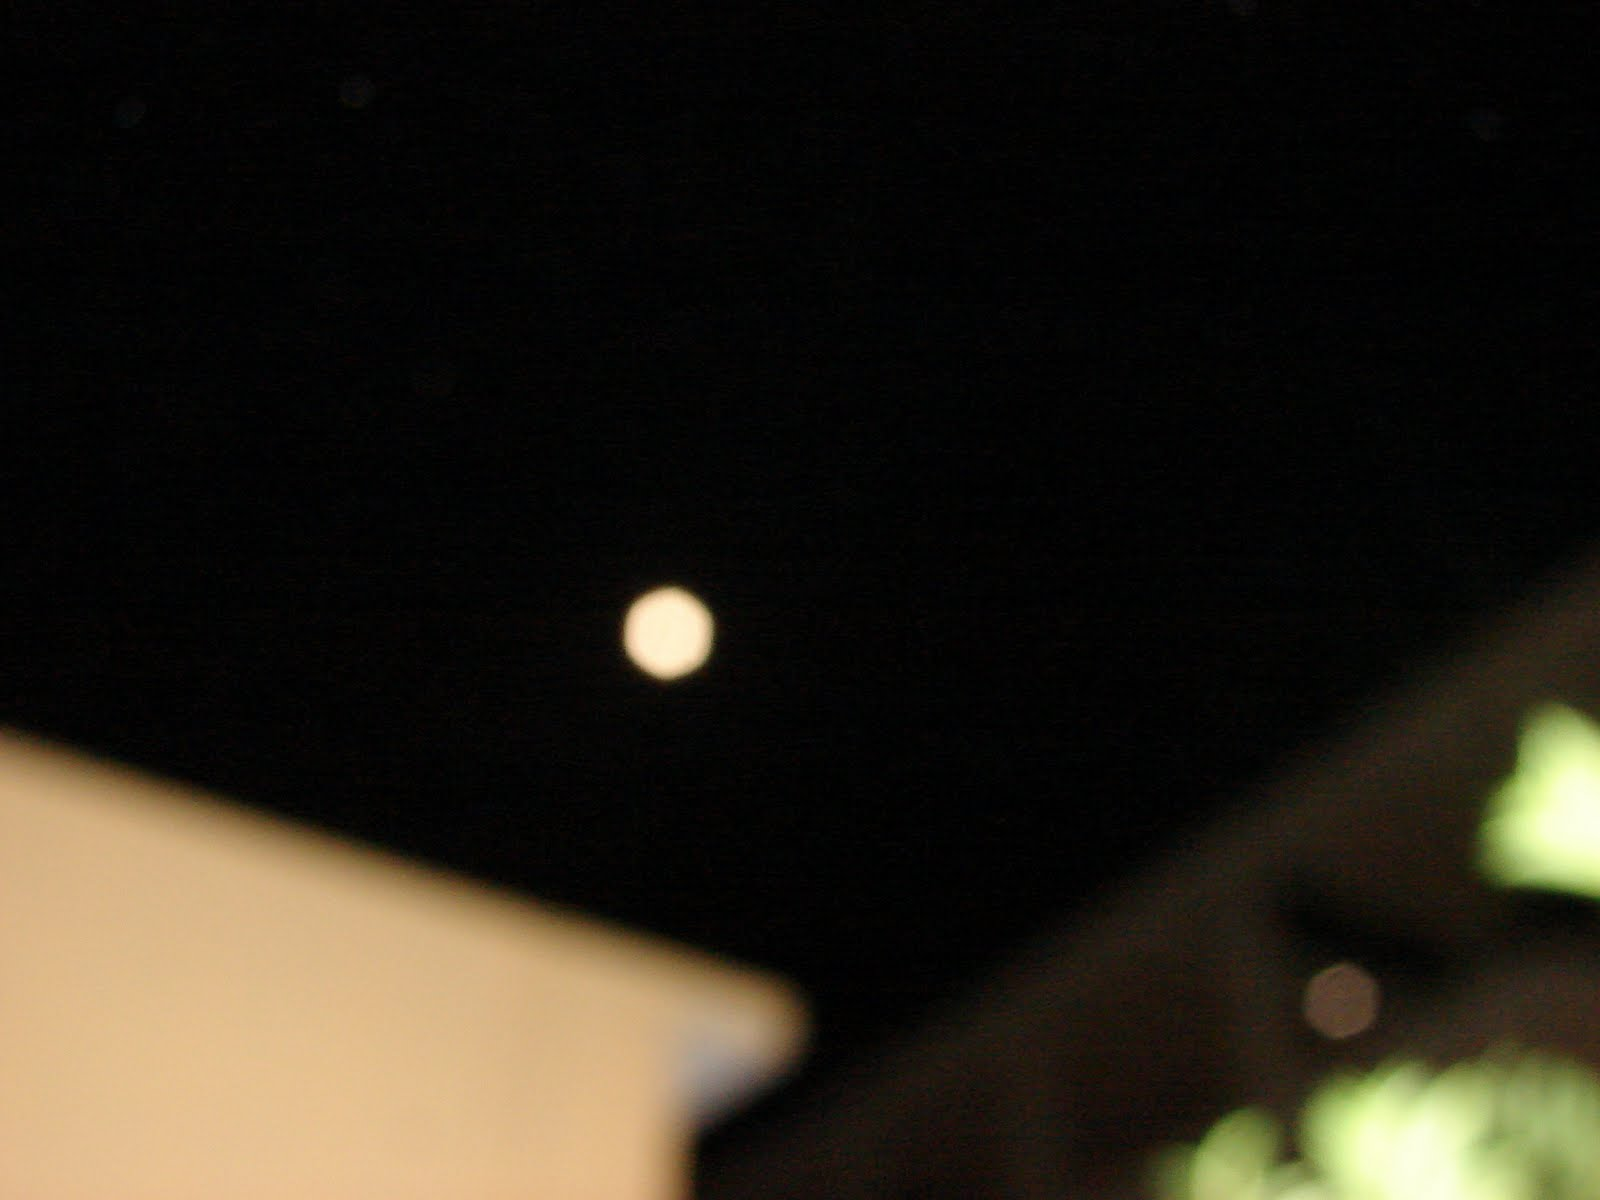 Ultimos Avistamientos Luna Hexagono 31/enero/2010 y Ovni Hexagonal Alineados Espectacular